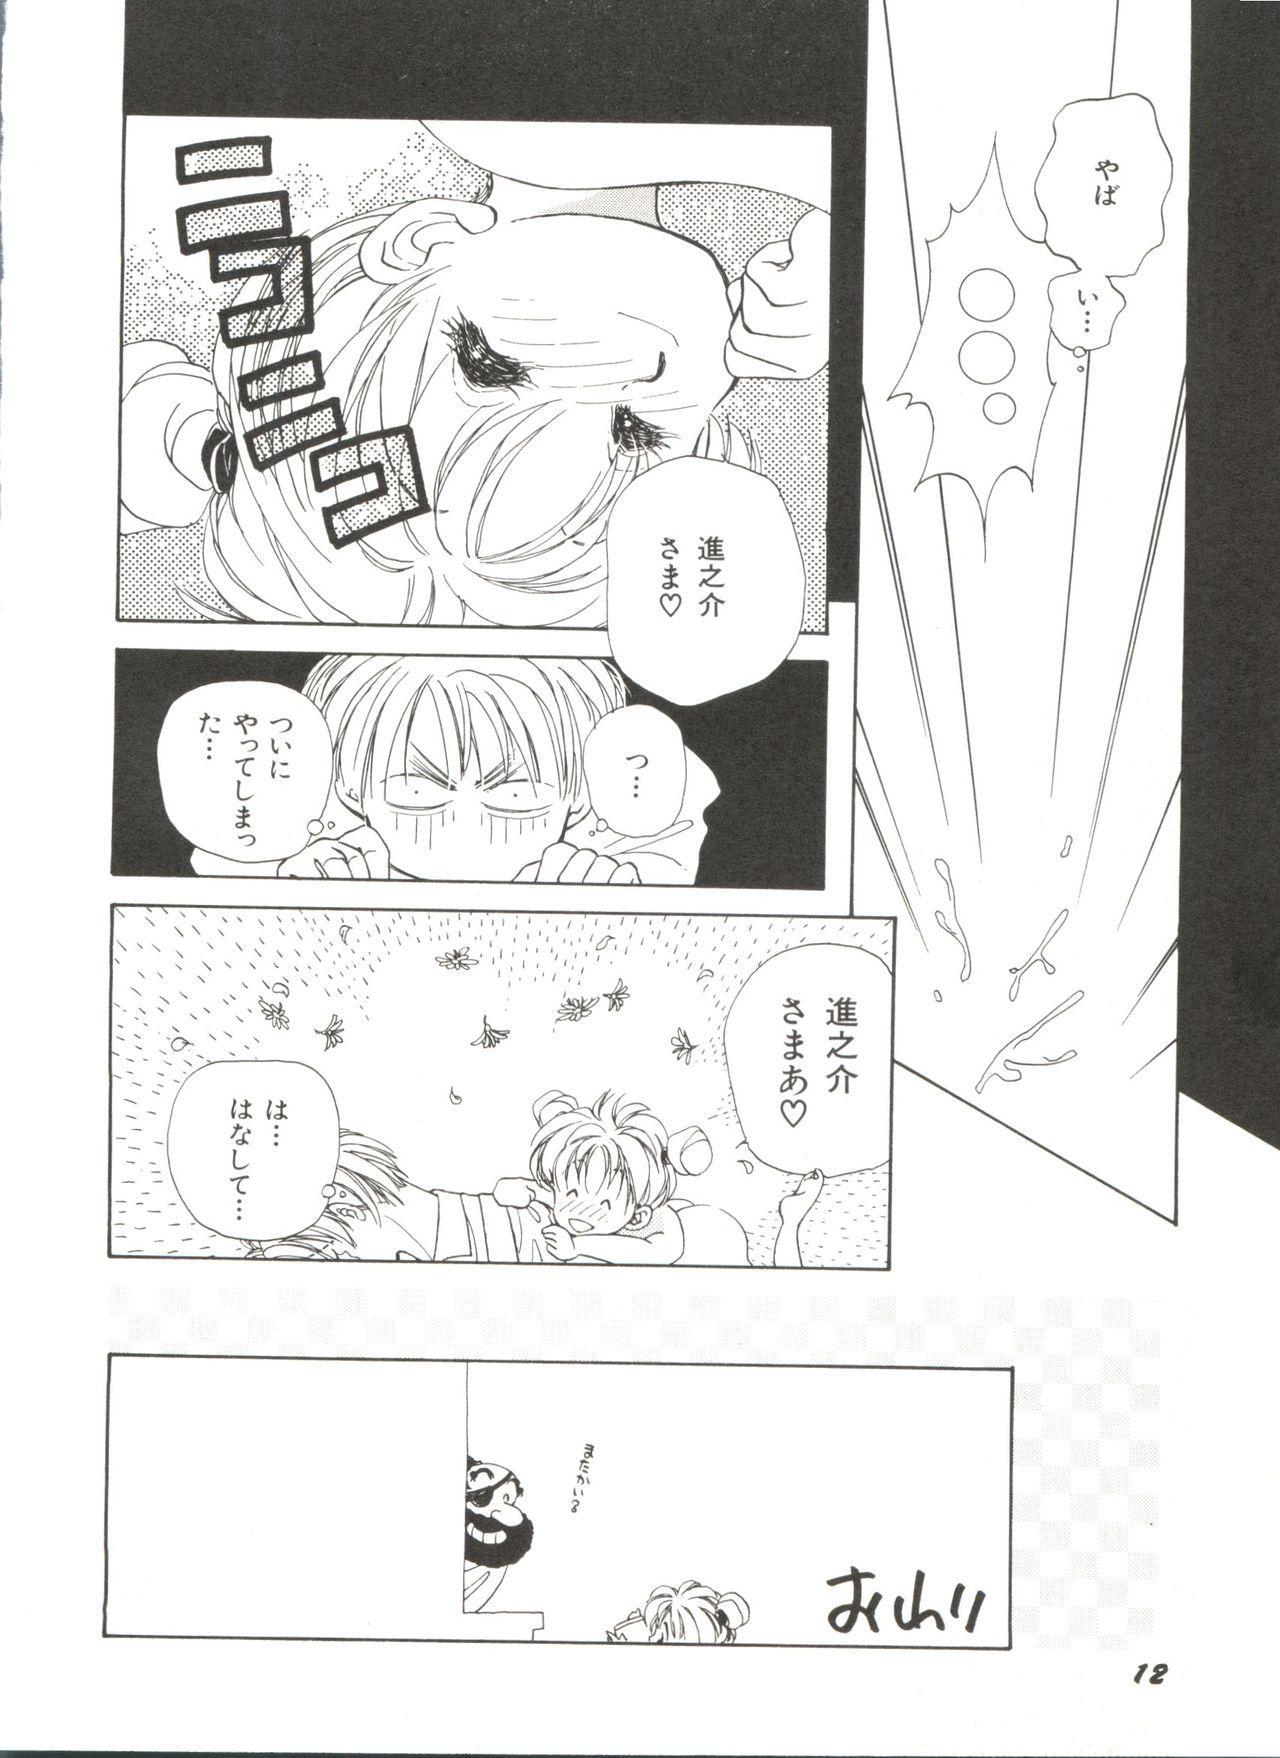 Bishoujo Doujinshi Anthology 6 15